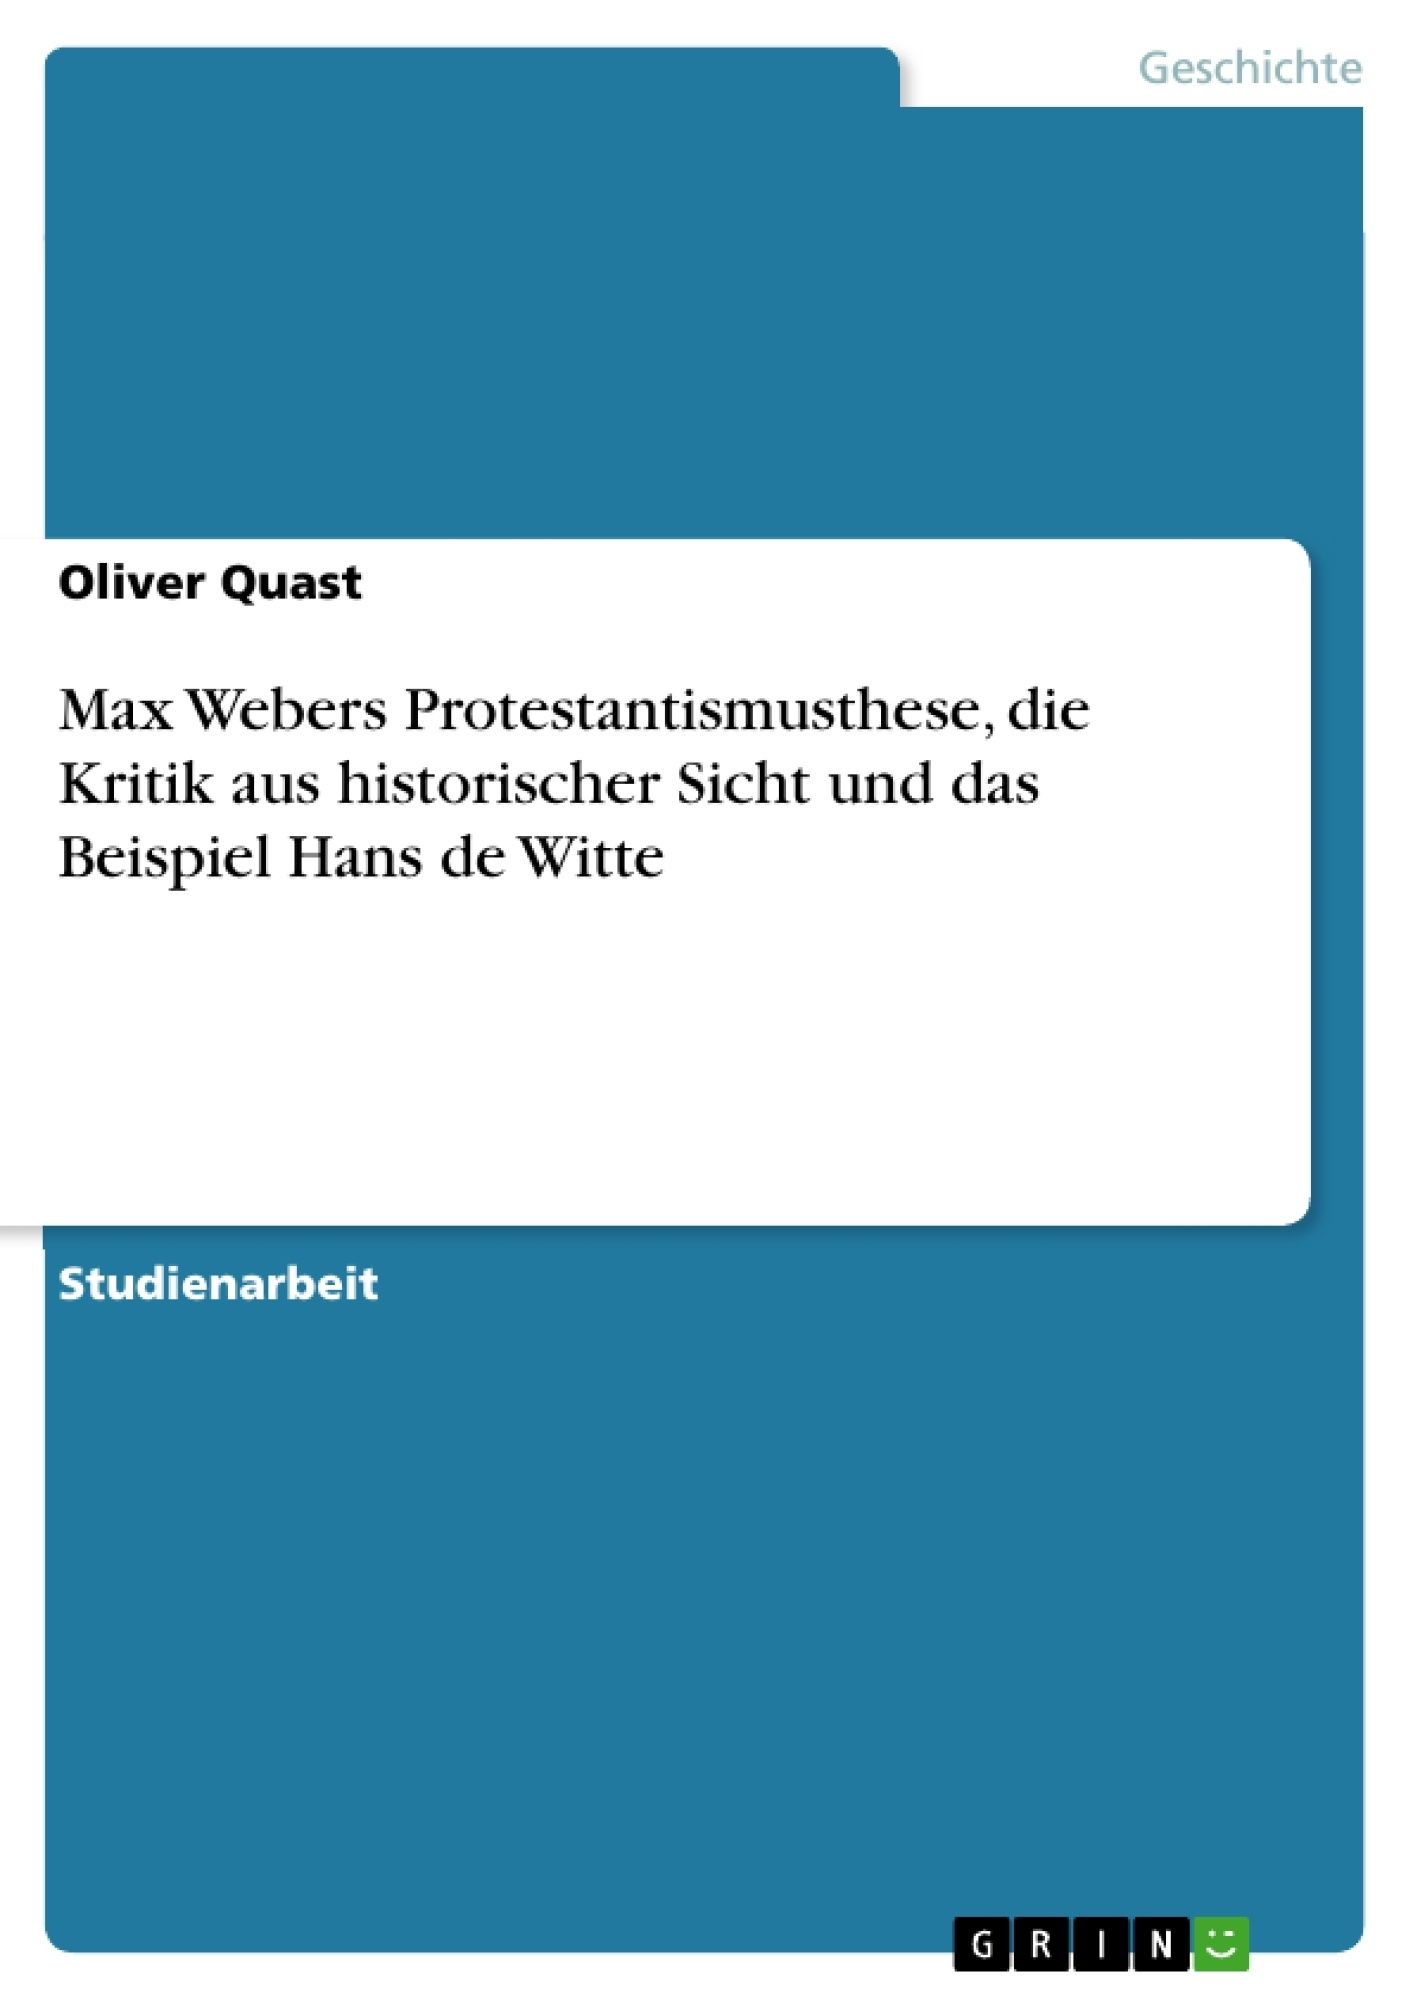 Titel: Max Webers Protestantismusthese, die Kritik aus historischer Sicht und das Beispiel Hans de Witte